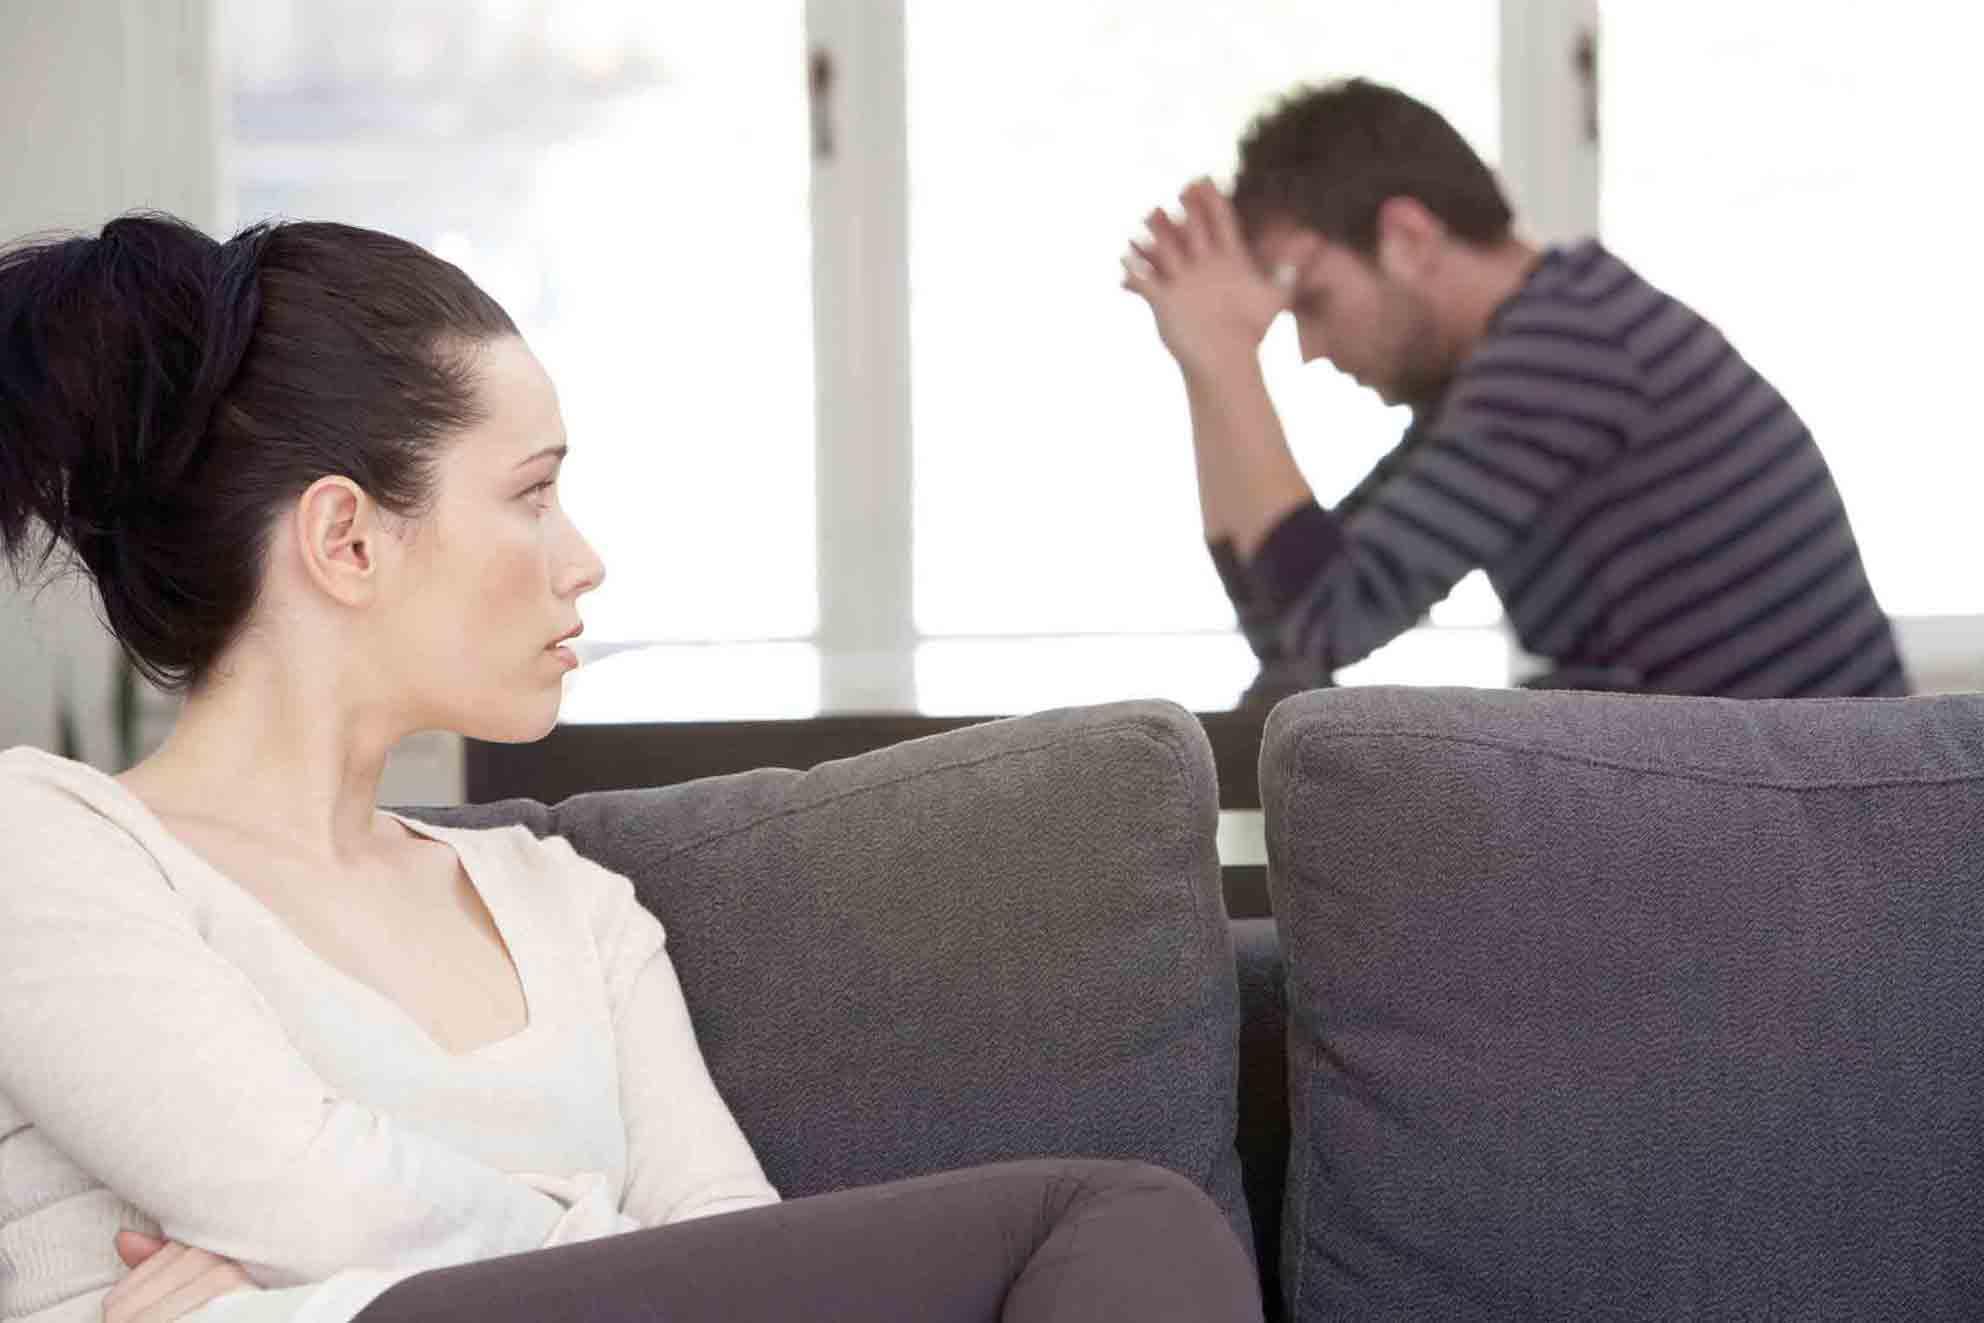 Почему женщина изменяет мужу: психология женской измены, что это значит с психологической точки зрения, глазами психолога, давление для признания в неверности замужней